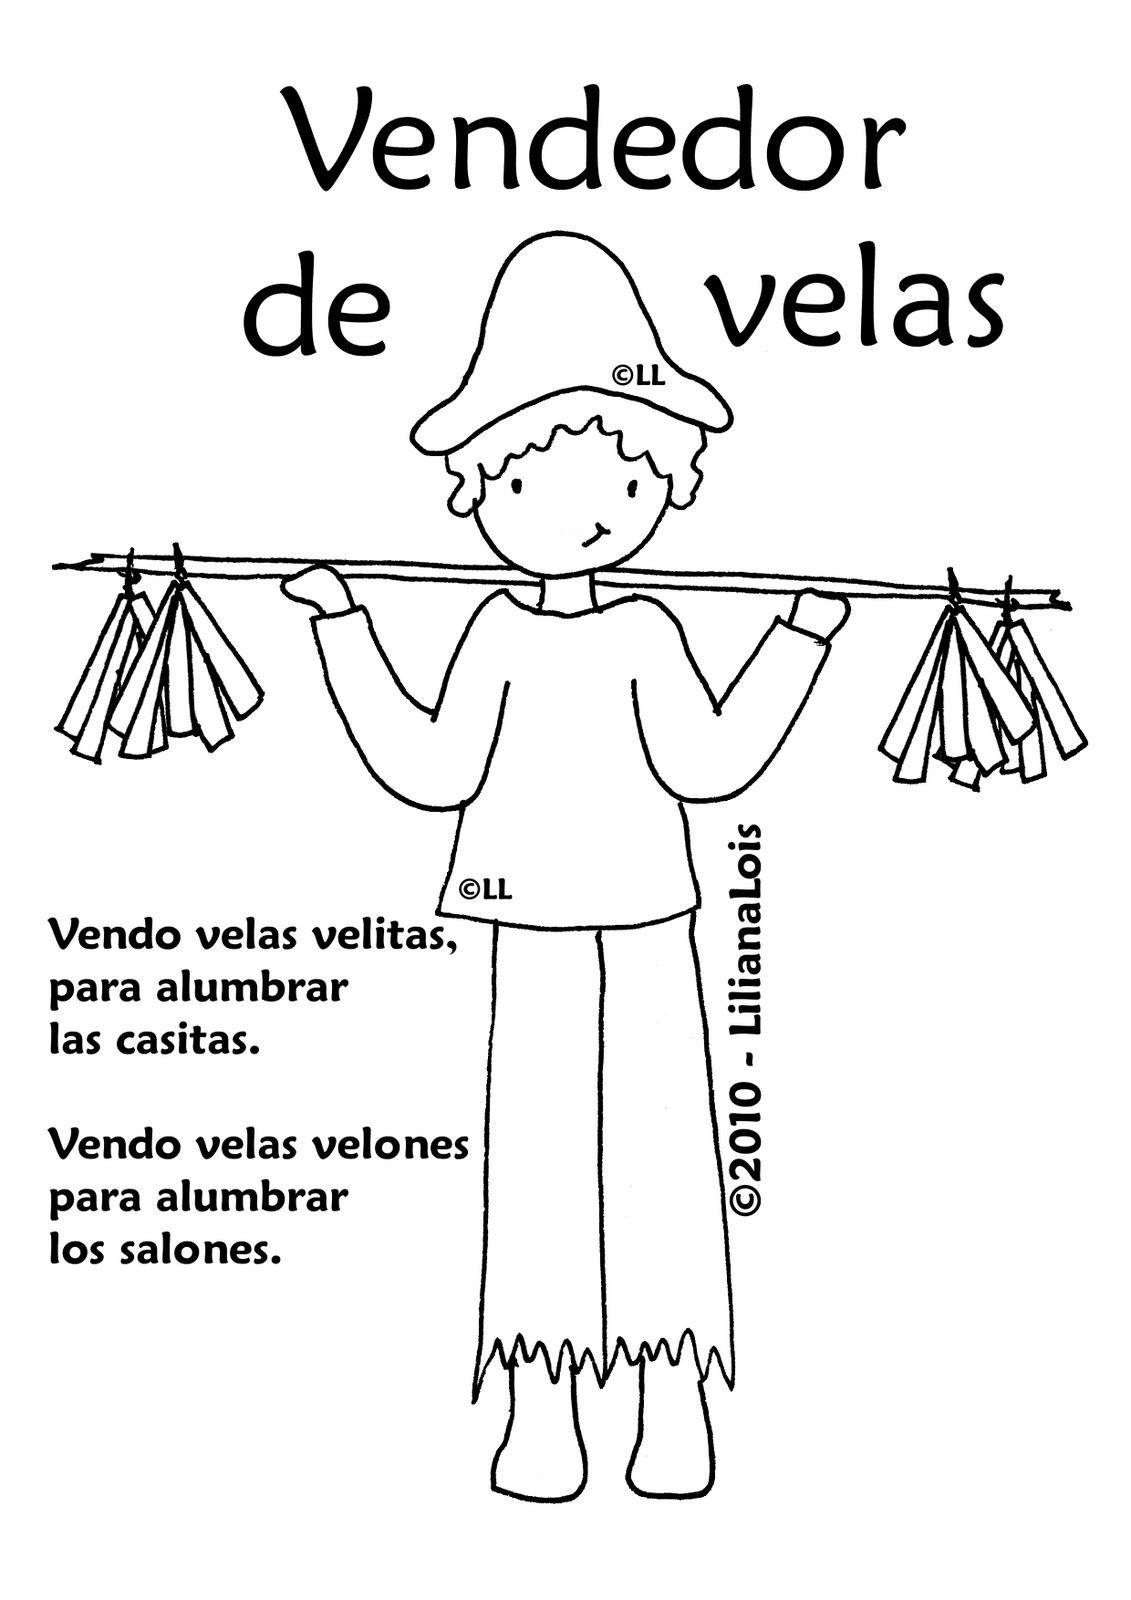 Vendedores de la epoca colonial: vendedores de velas | Argentina ...